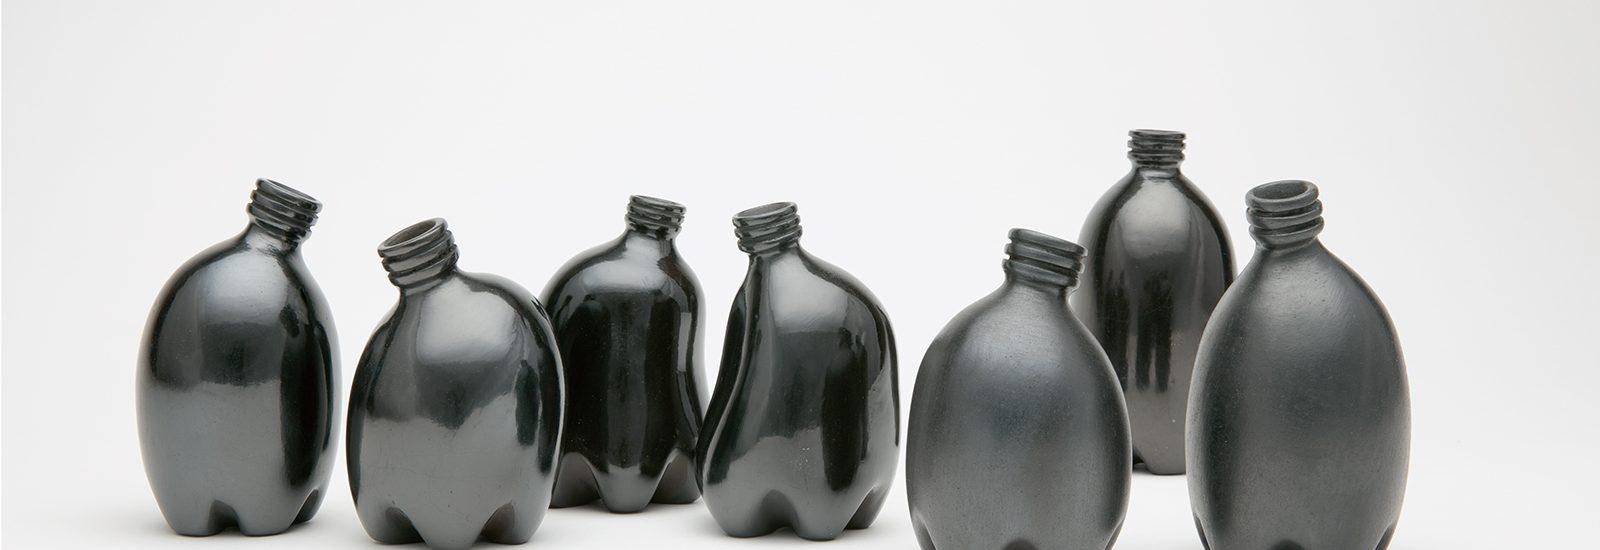 Black ceramic bottles